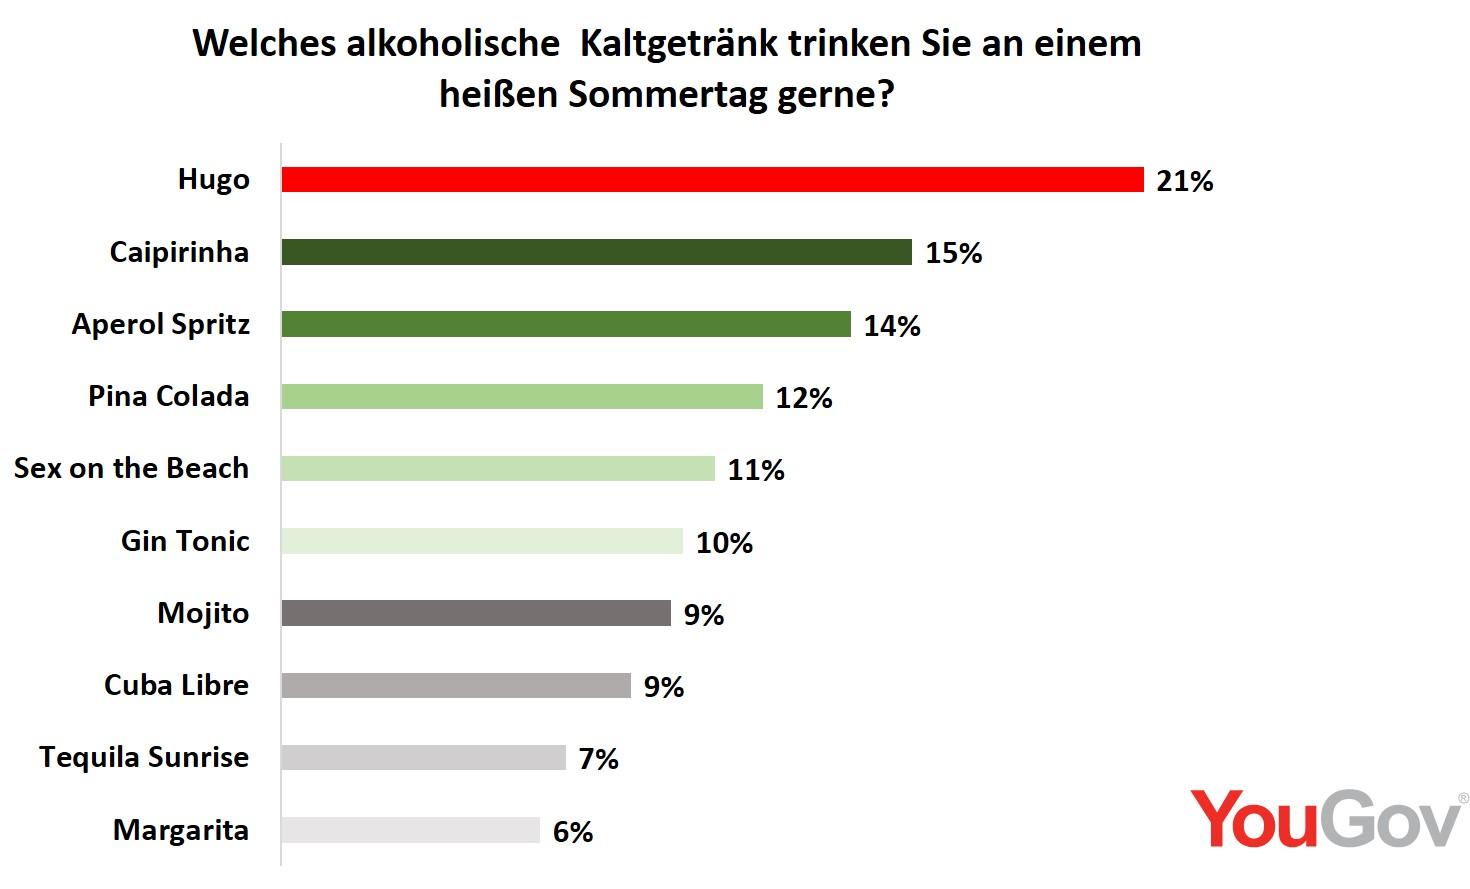 Amusing Beliebte Cocktails Best Choice Of Am Wenigsten Beliebt Sind Bei Den Deutschen